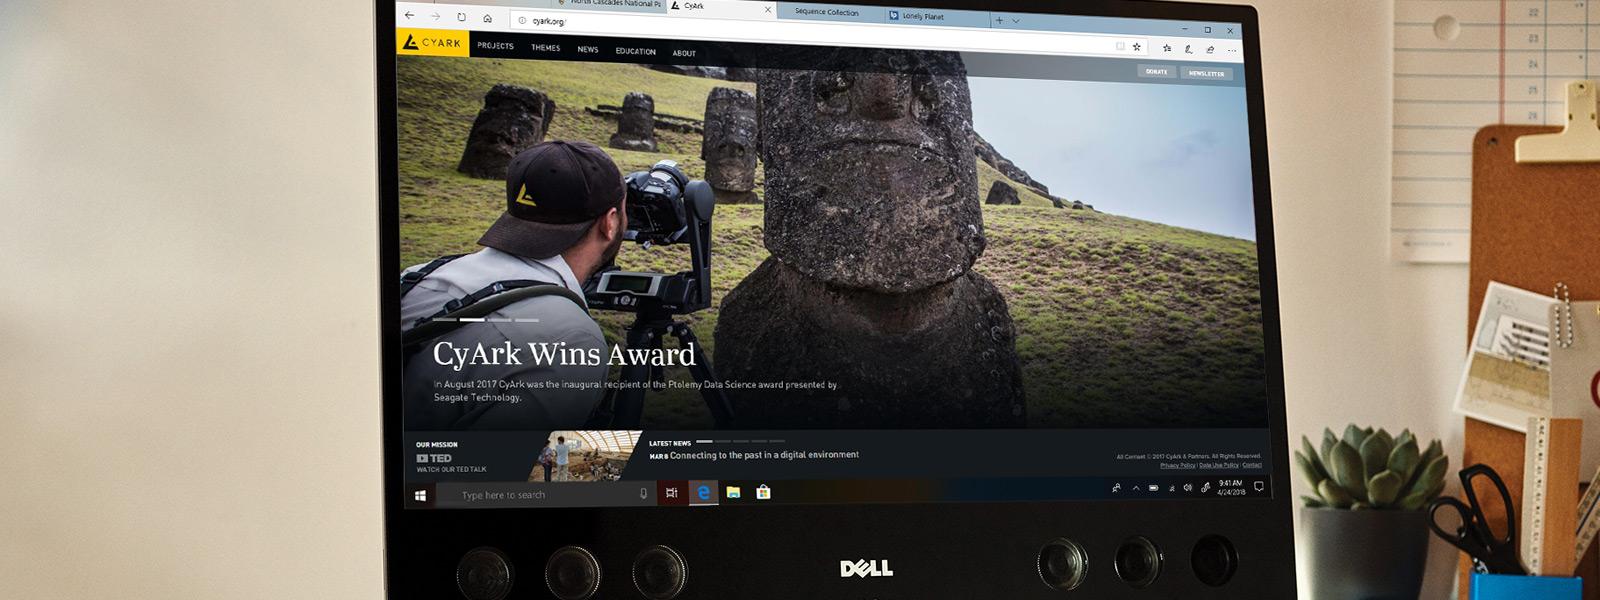 Monitor komputera stojący na biurku z oknem przeglądarki Microsoft Edge, w którym odtwarzane jest wideo w rozdzielczości 4K Ultra HD